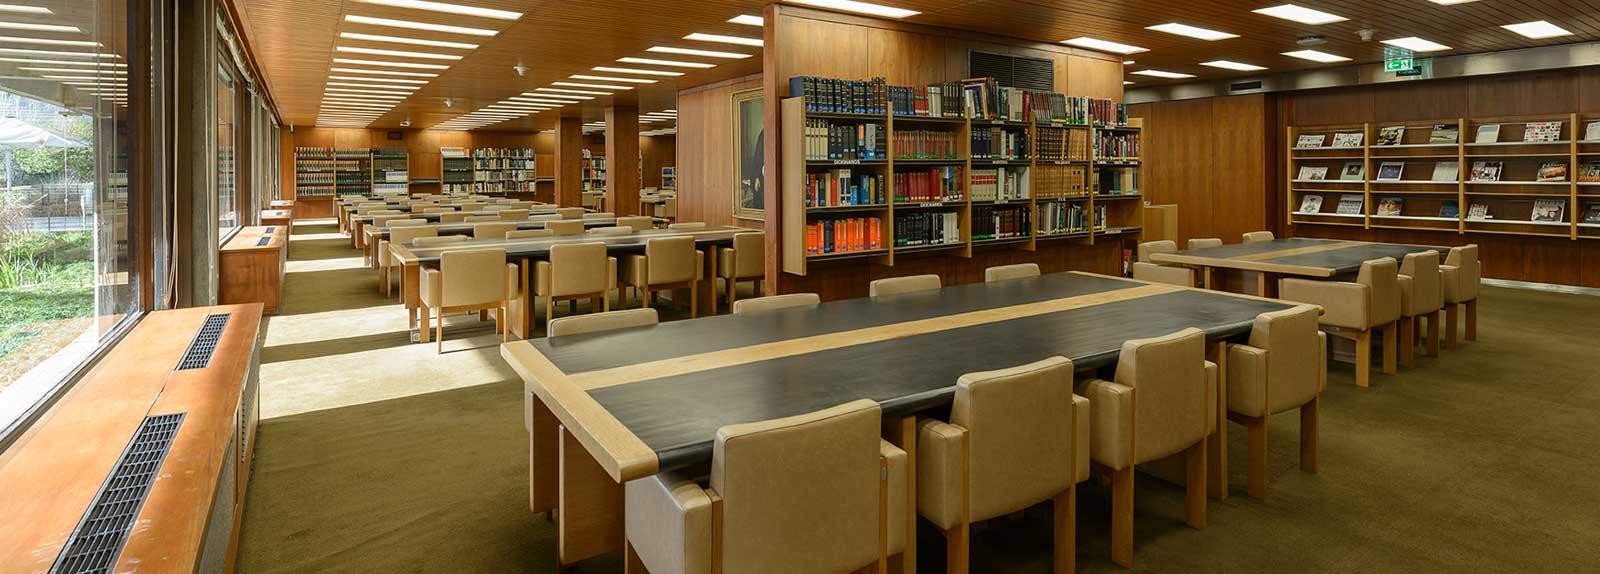 Alteração de horário na sala de leitura